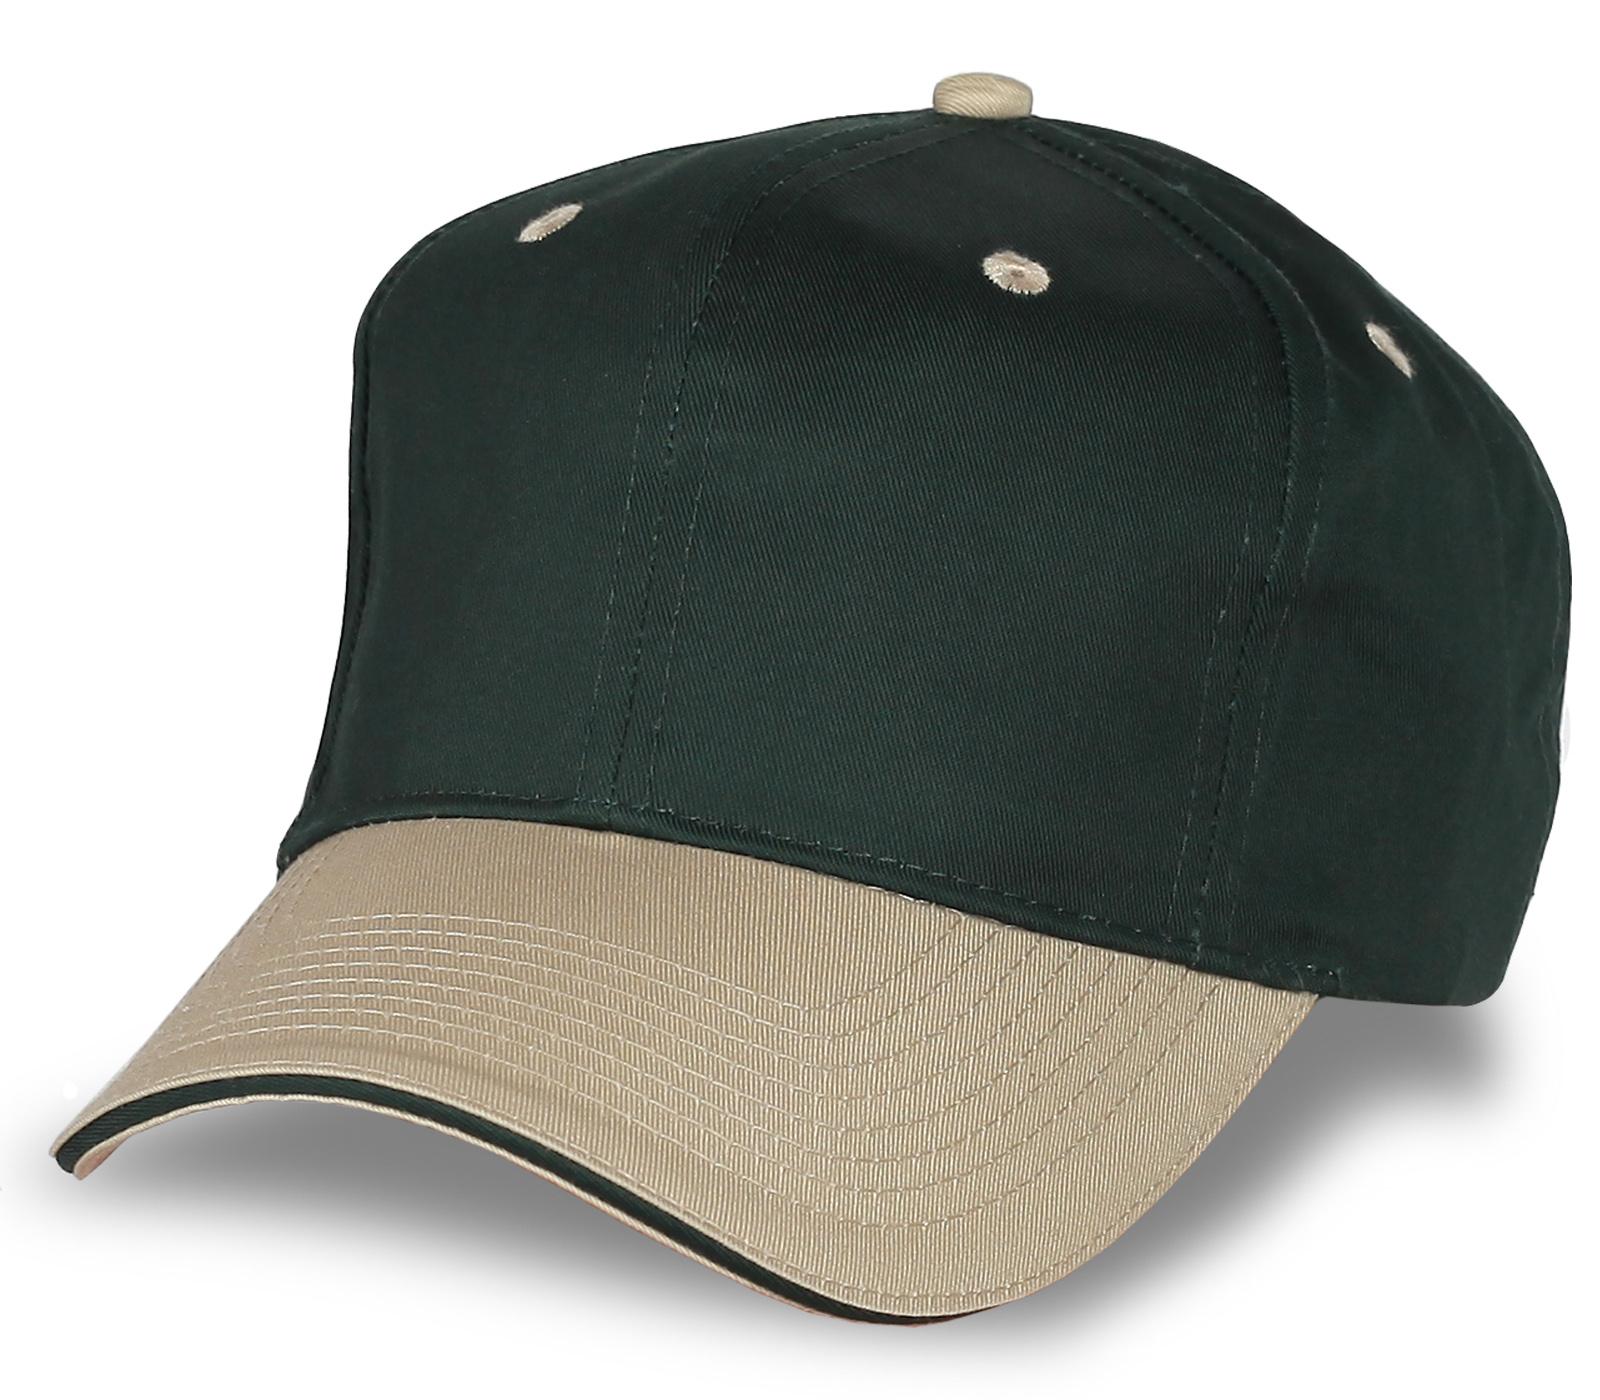 Зелёная кепка под нанесение фирменной символики